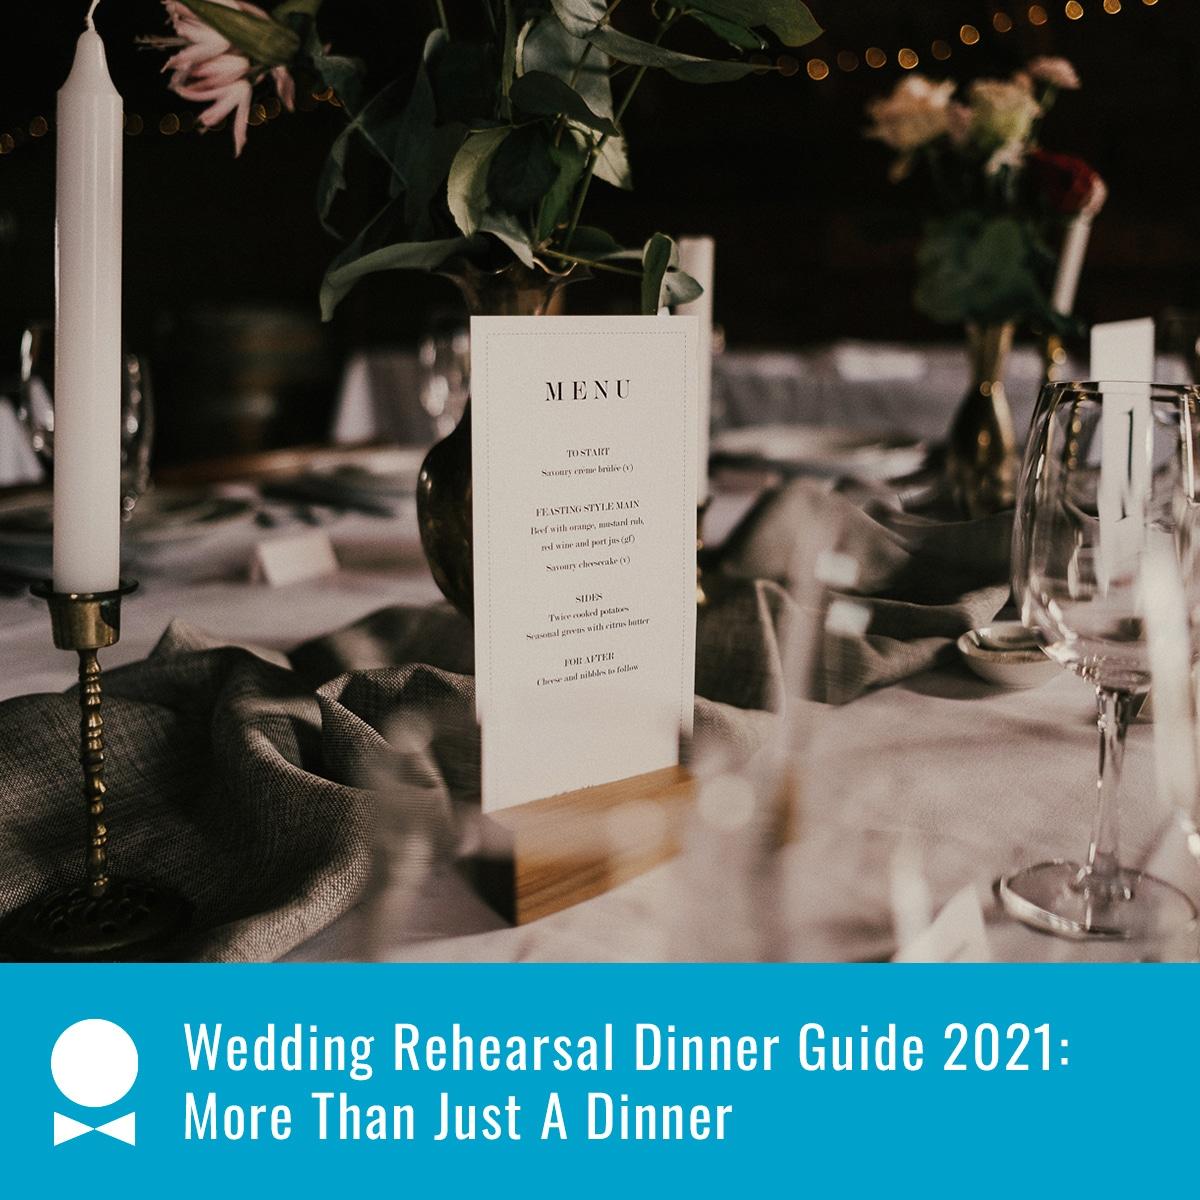 wedding rehearsal dinner guide